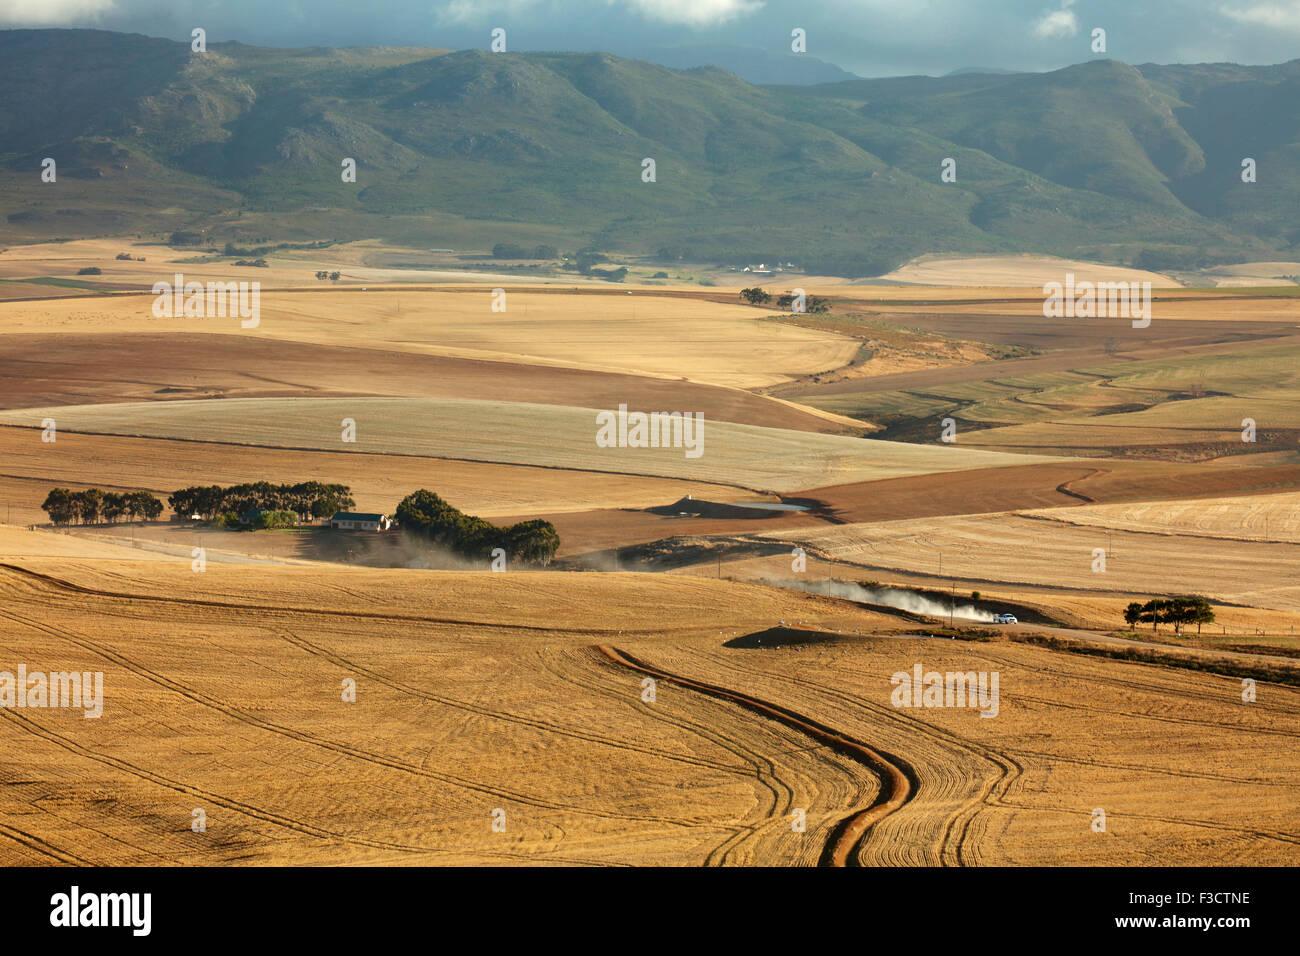 hügelige Ackerland in der Overberg Region in der Nähe von Villiersdorp, Western Cape, Südafrika Stockfoto